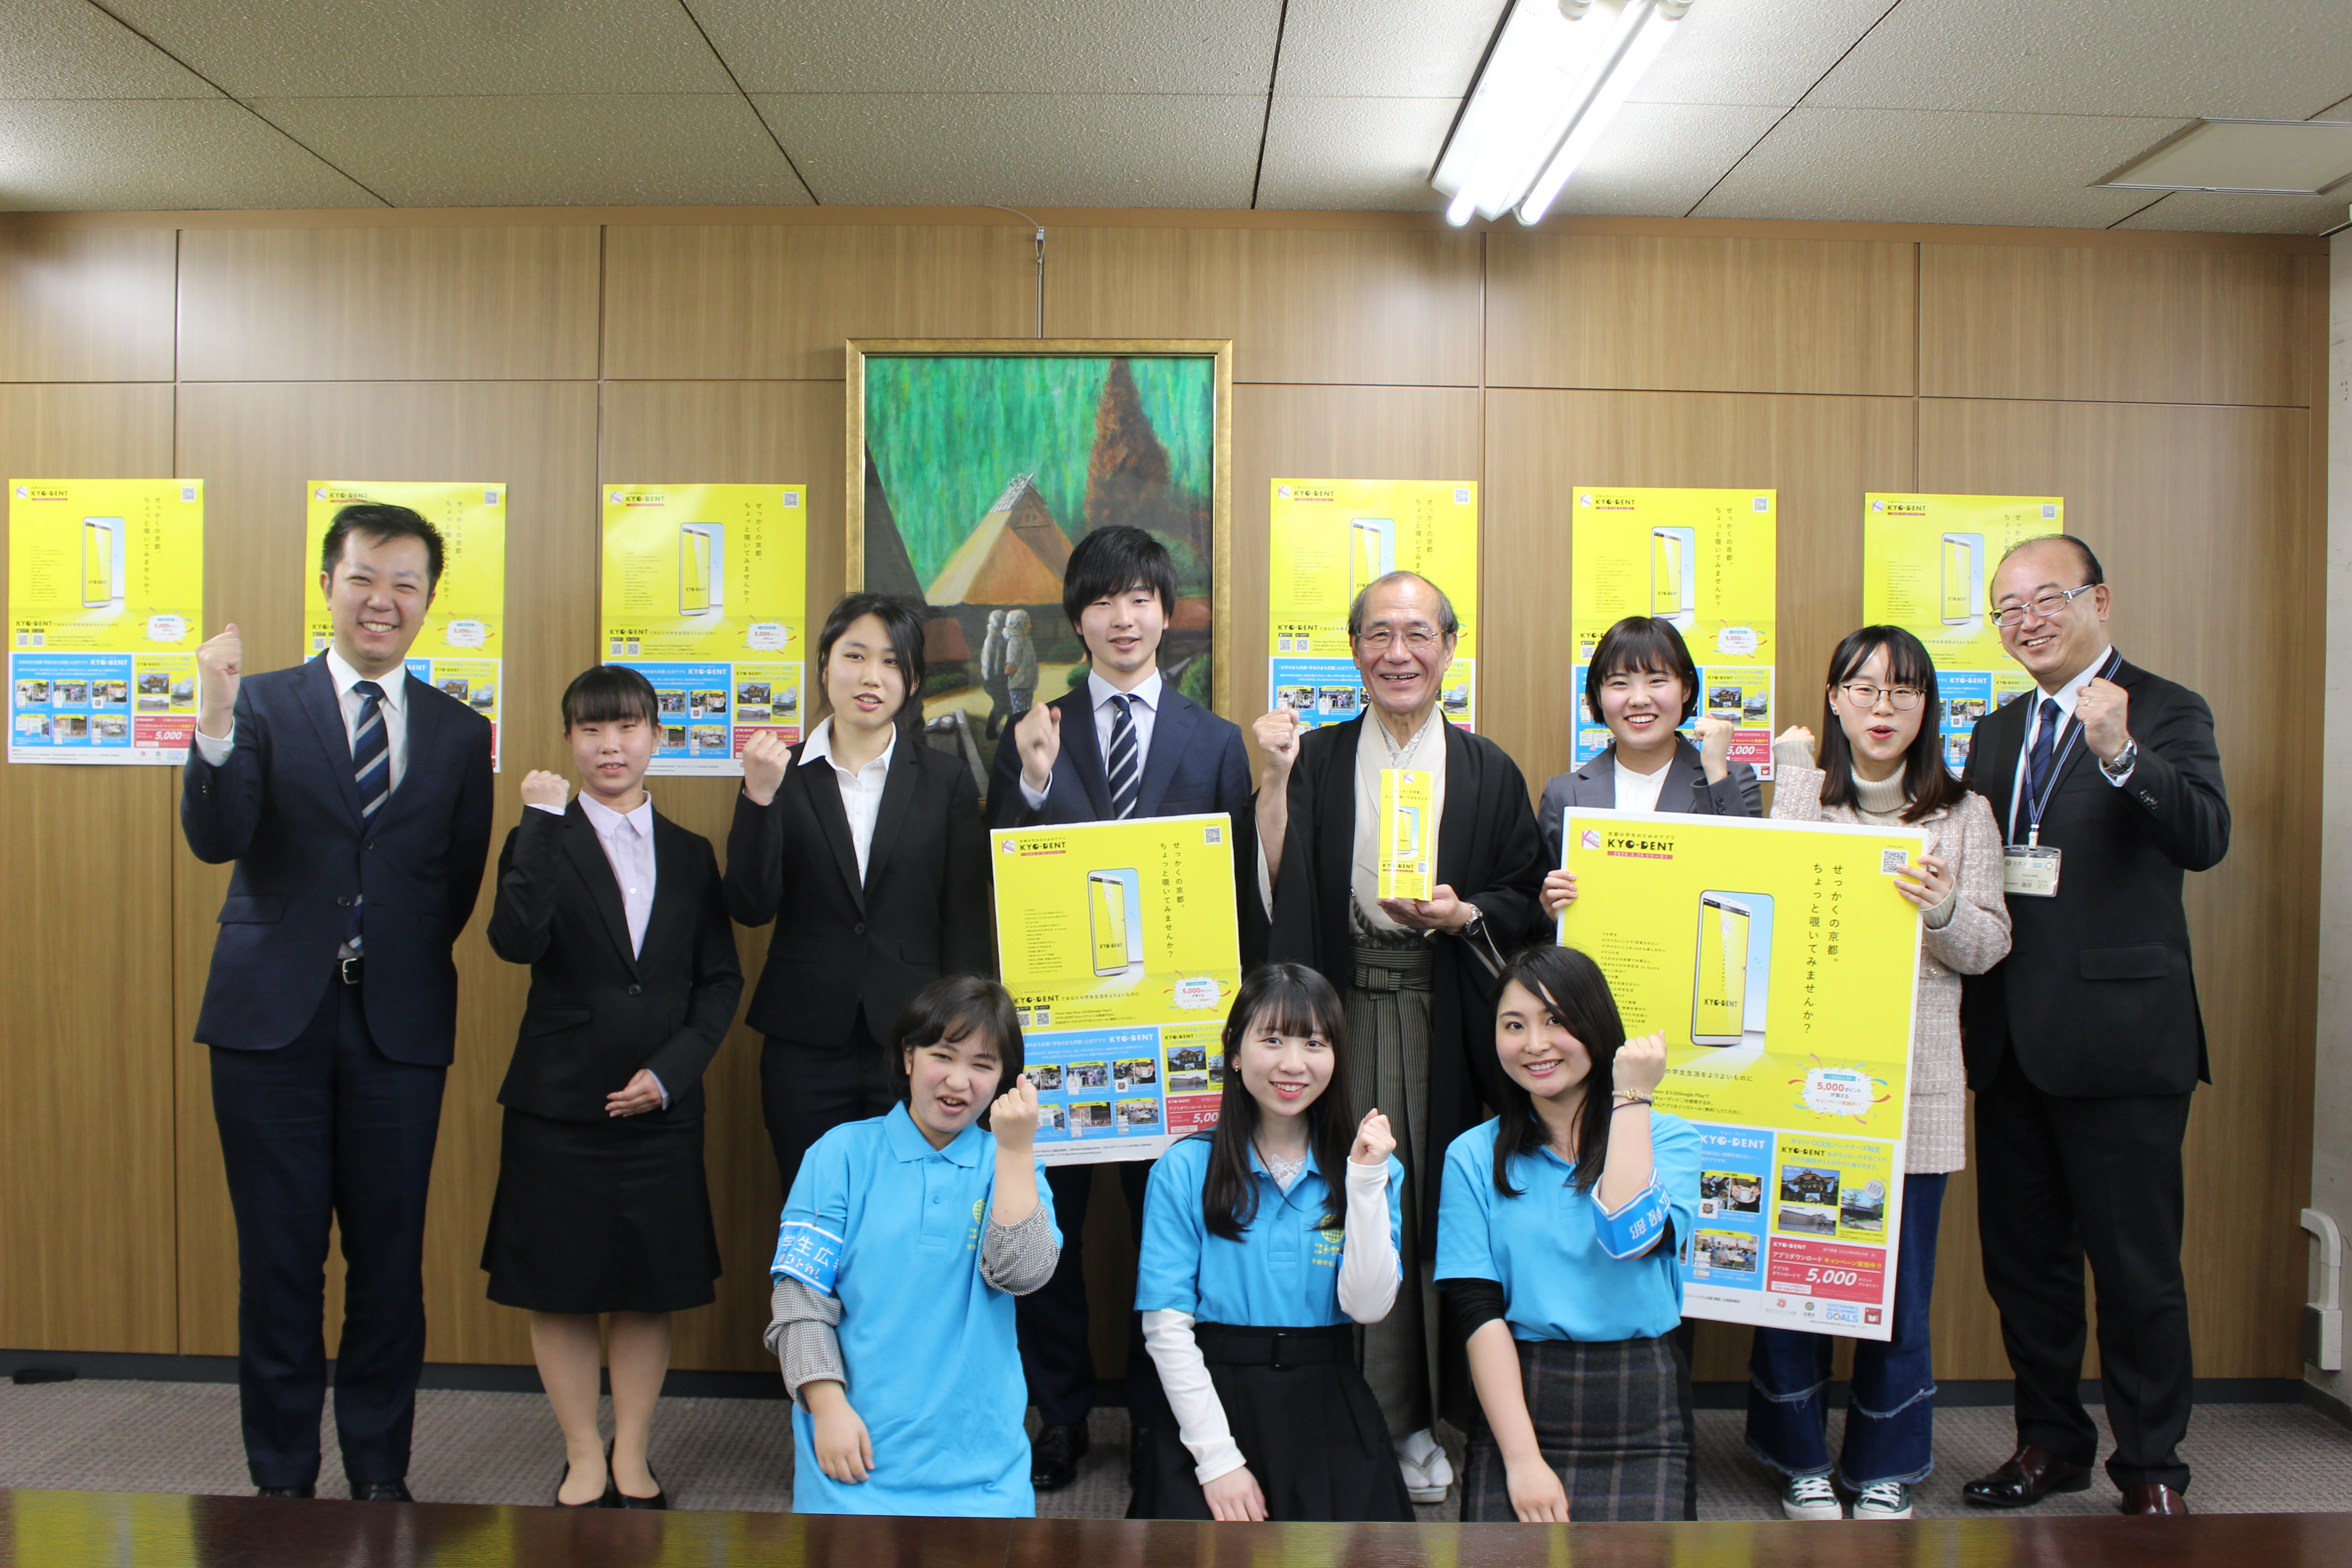 【学生必見】京都の大学生が開発した学生のためのアプリ!『KYO-DENT』(キョー・デント)の魅力について聞いてきた!